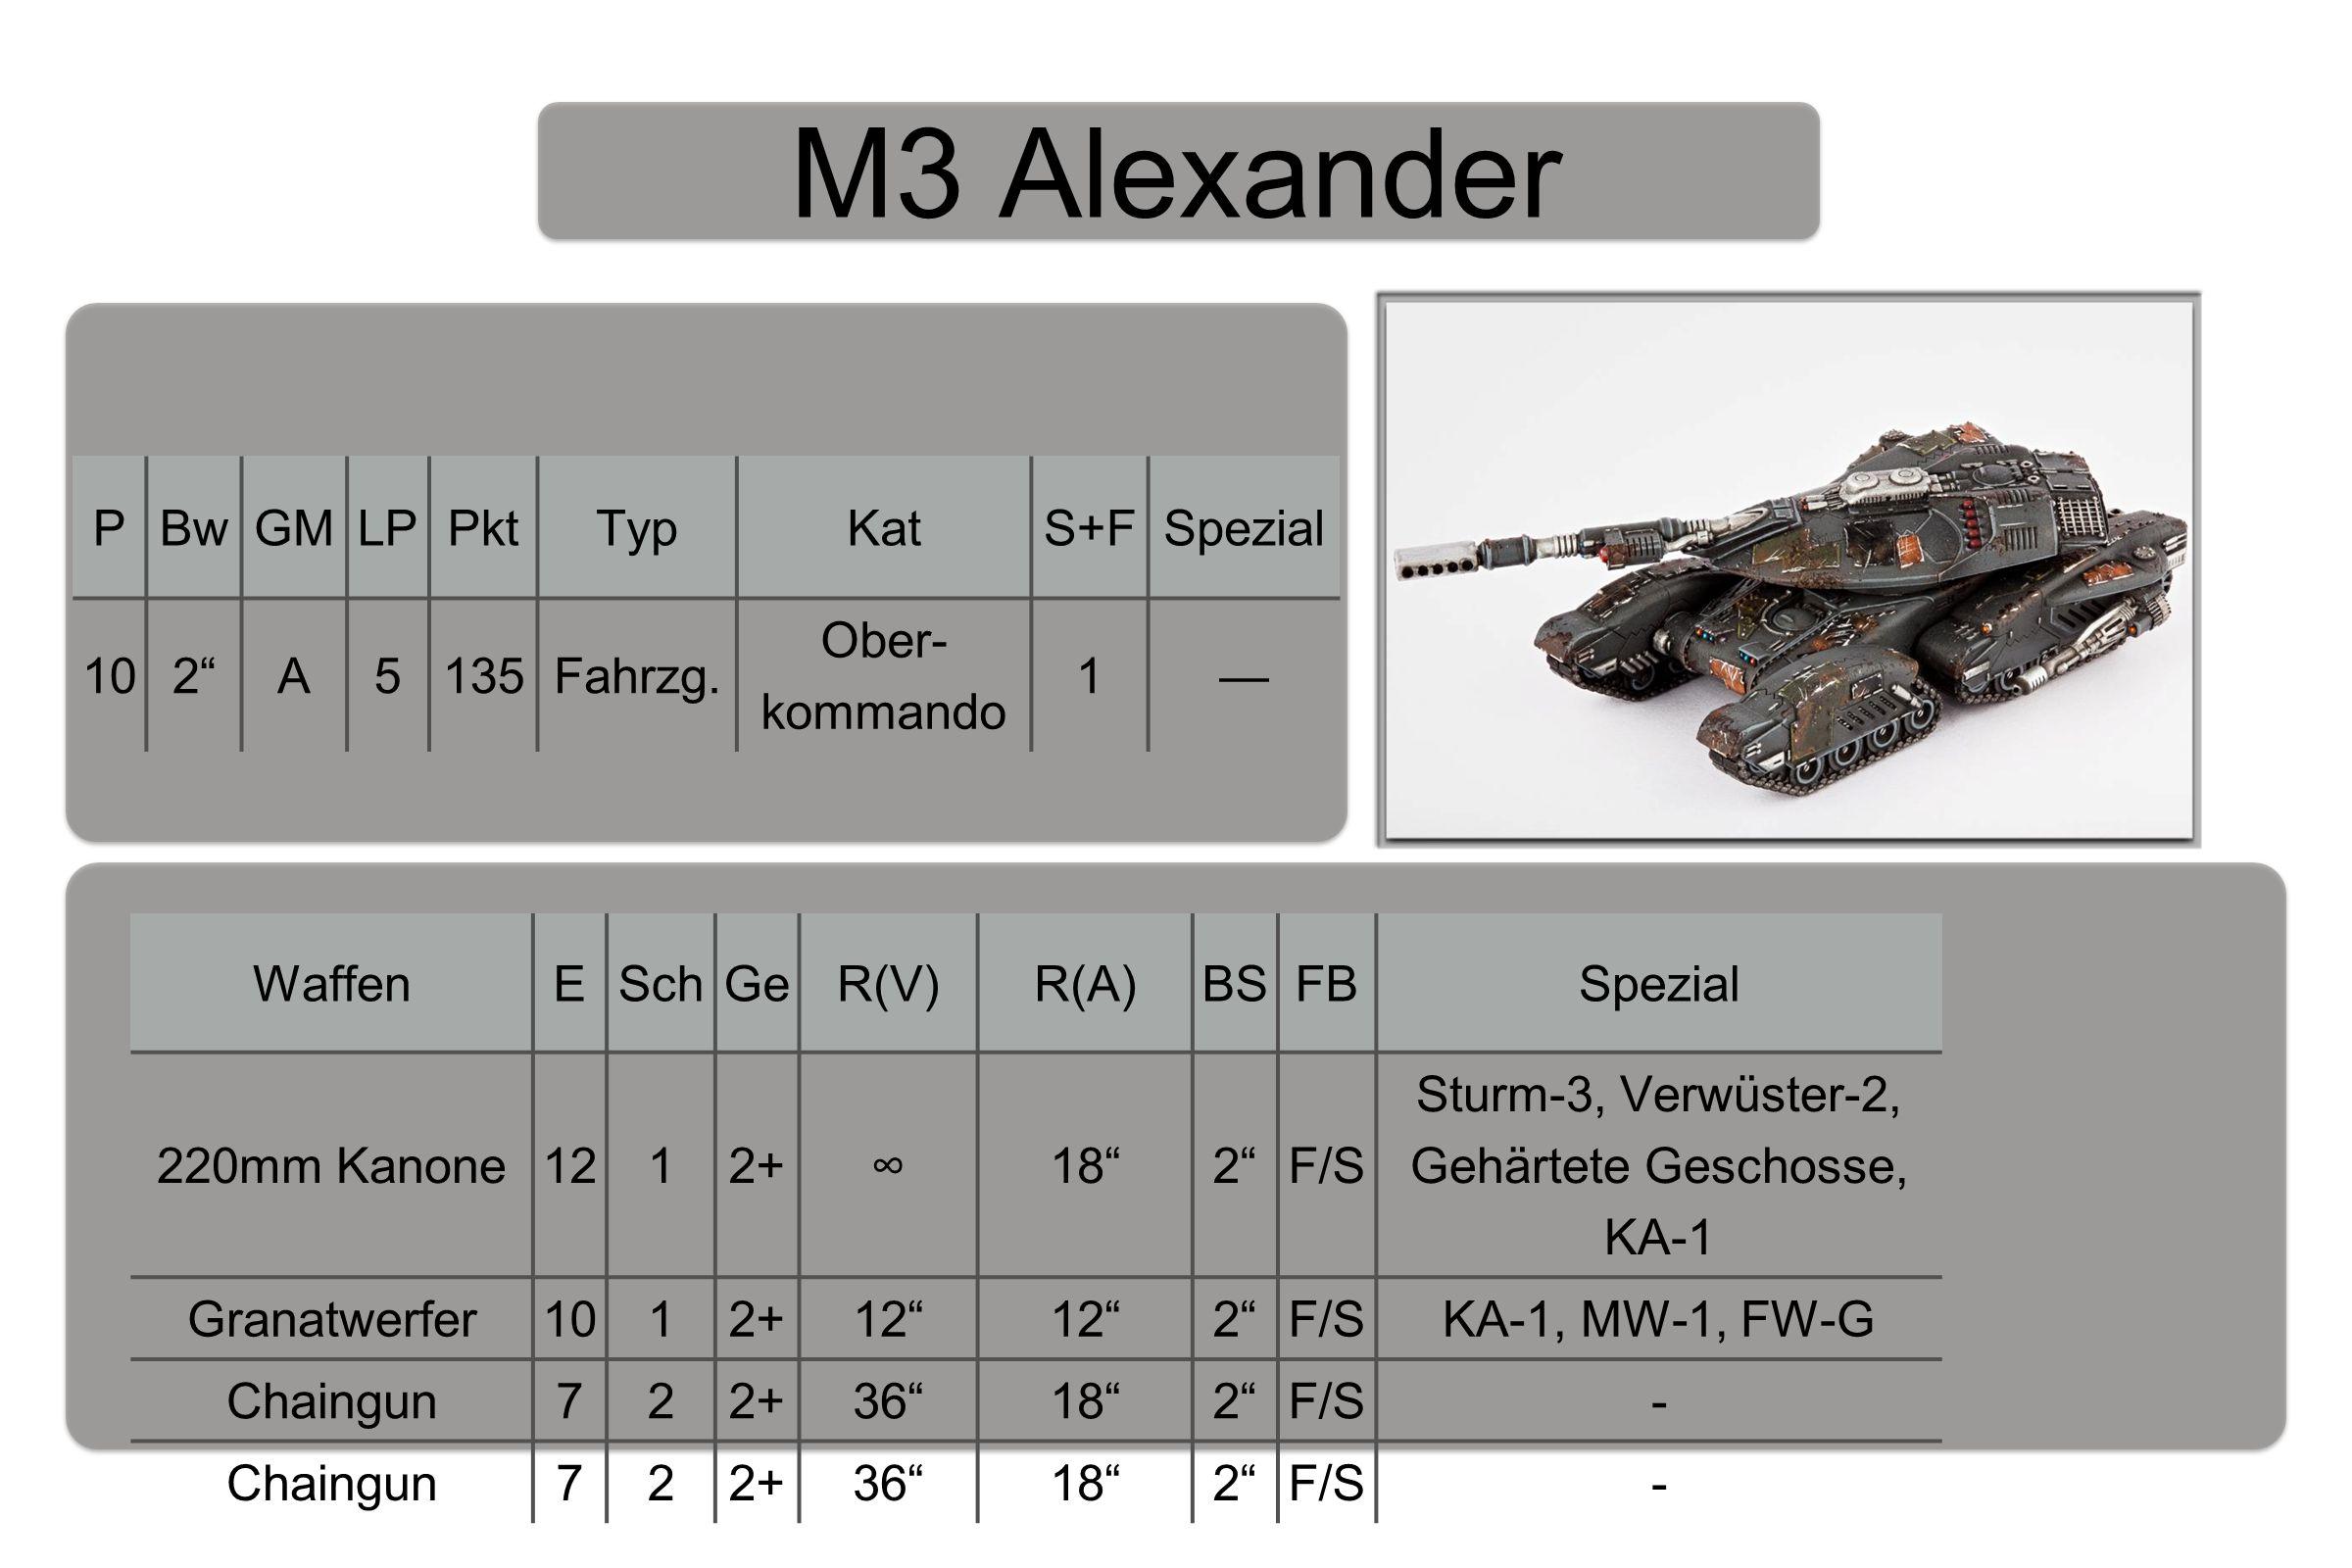 M3 Alexander PBwGMLPPktTypKatS+FSpezial 102 A5135Fahrzg.